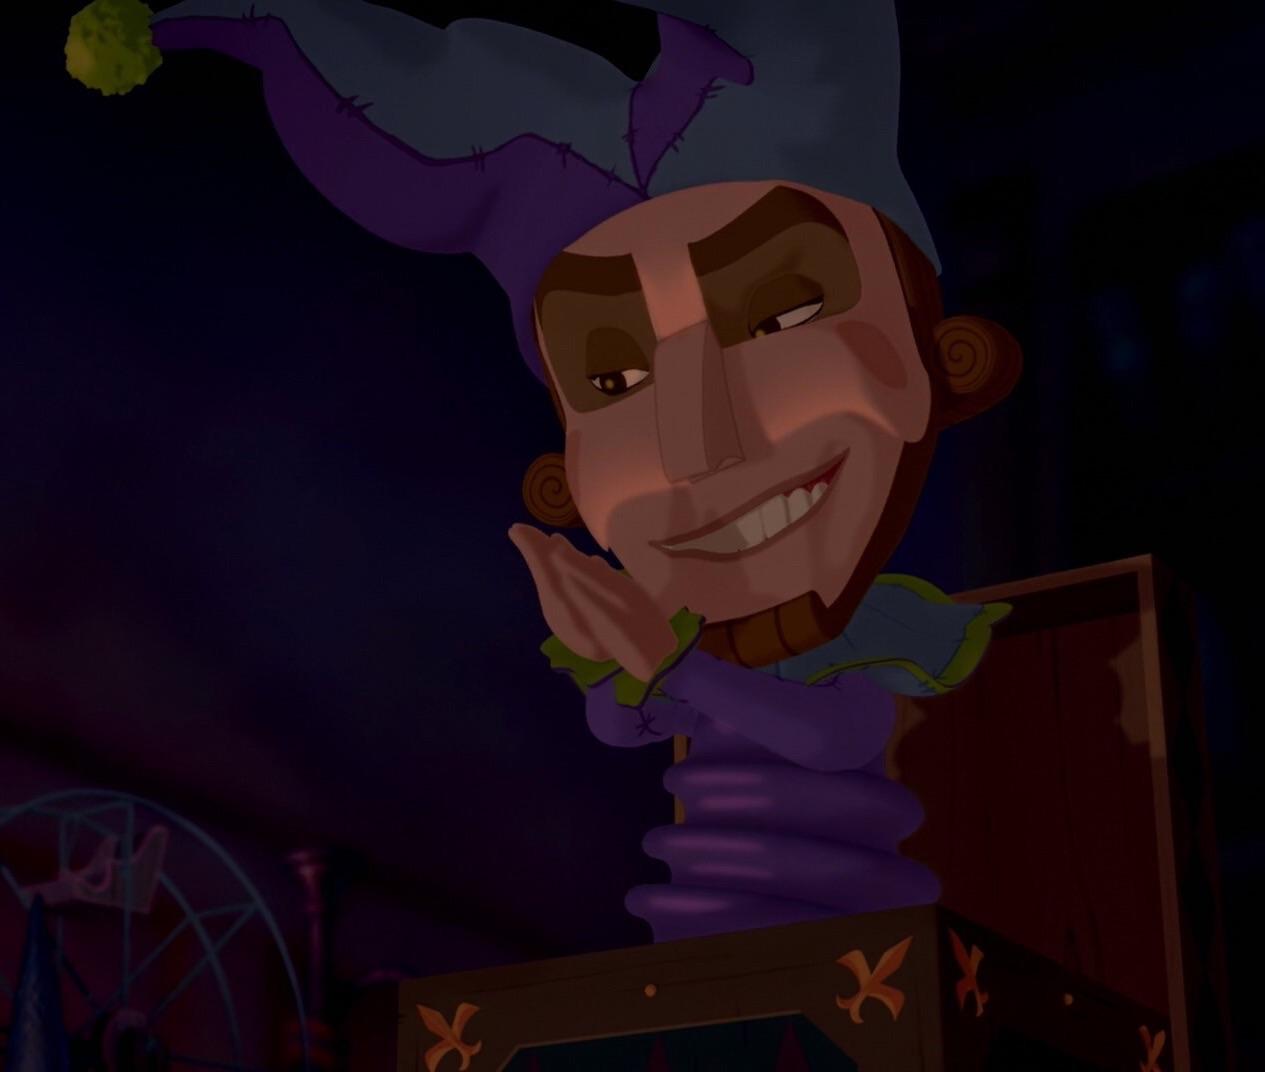 Jack-in-the-Box (Fantasia 2000)